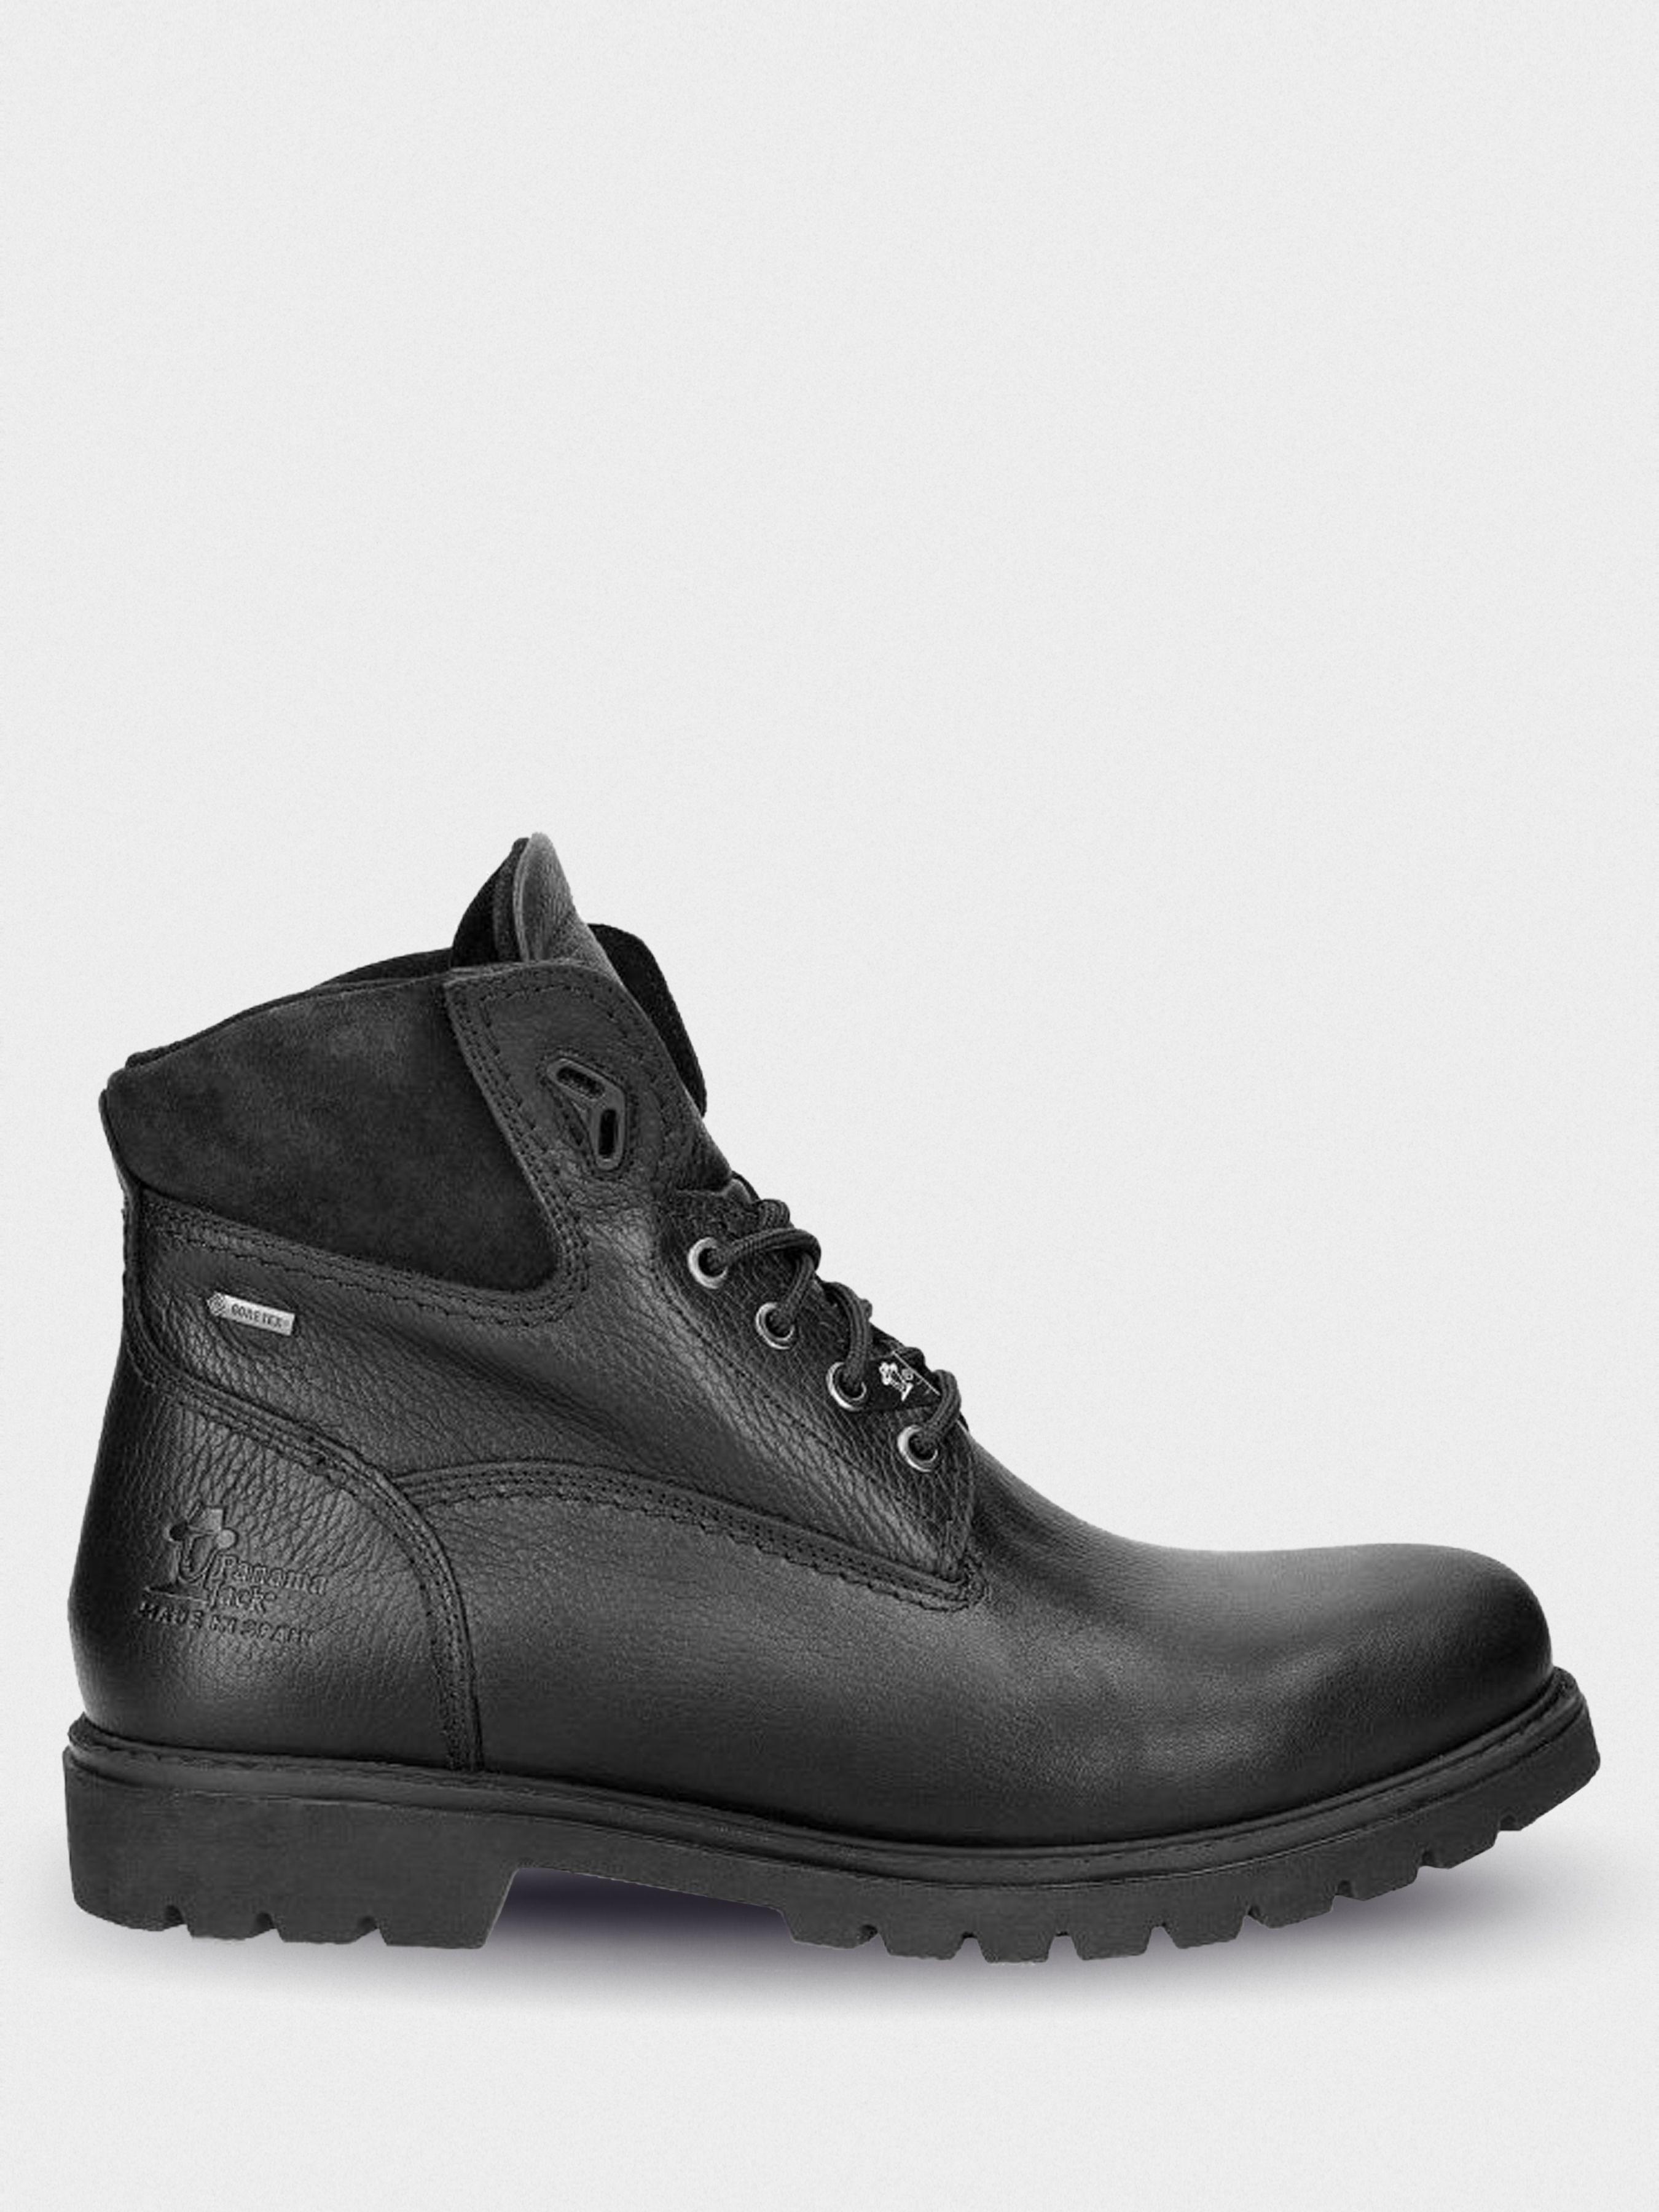 Купить Ботинки мужские Panama Jack PX106, Черный